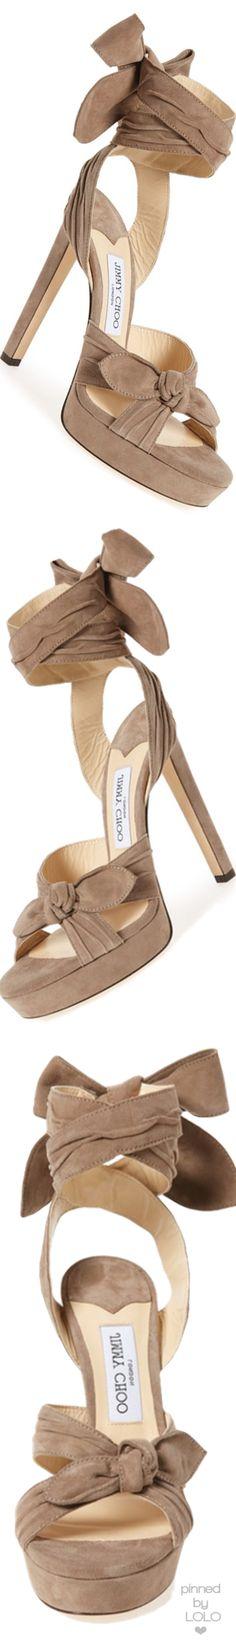 Jimmy Choo 'Vixen' Wraparound Platform Sandal | LOLO❤︎